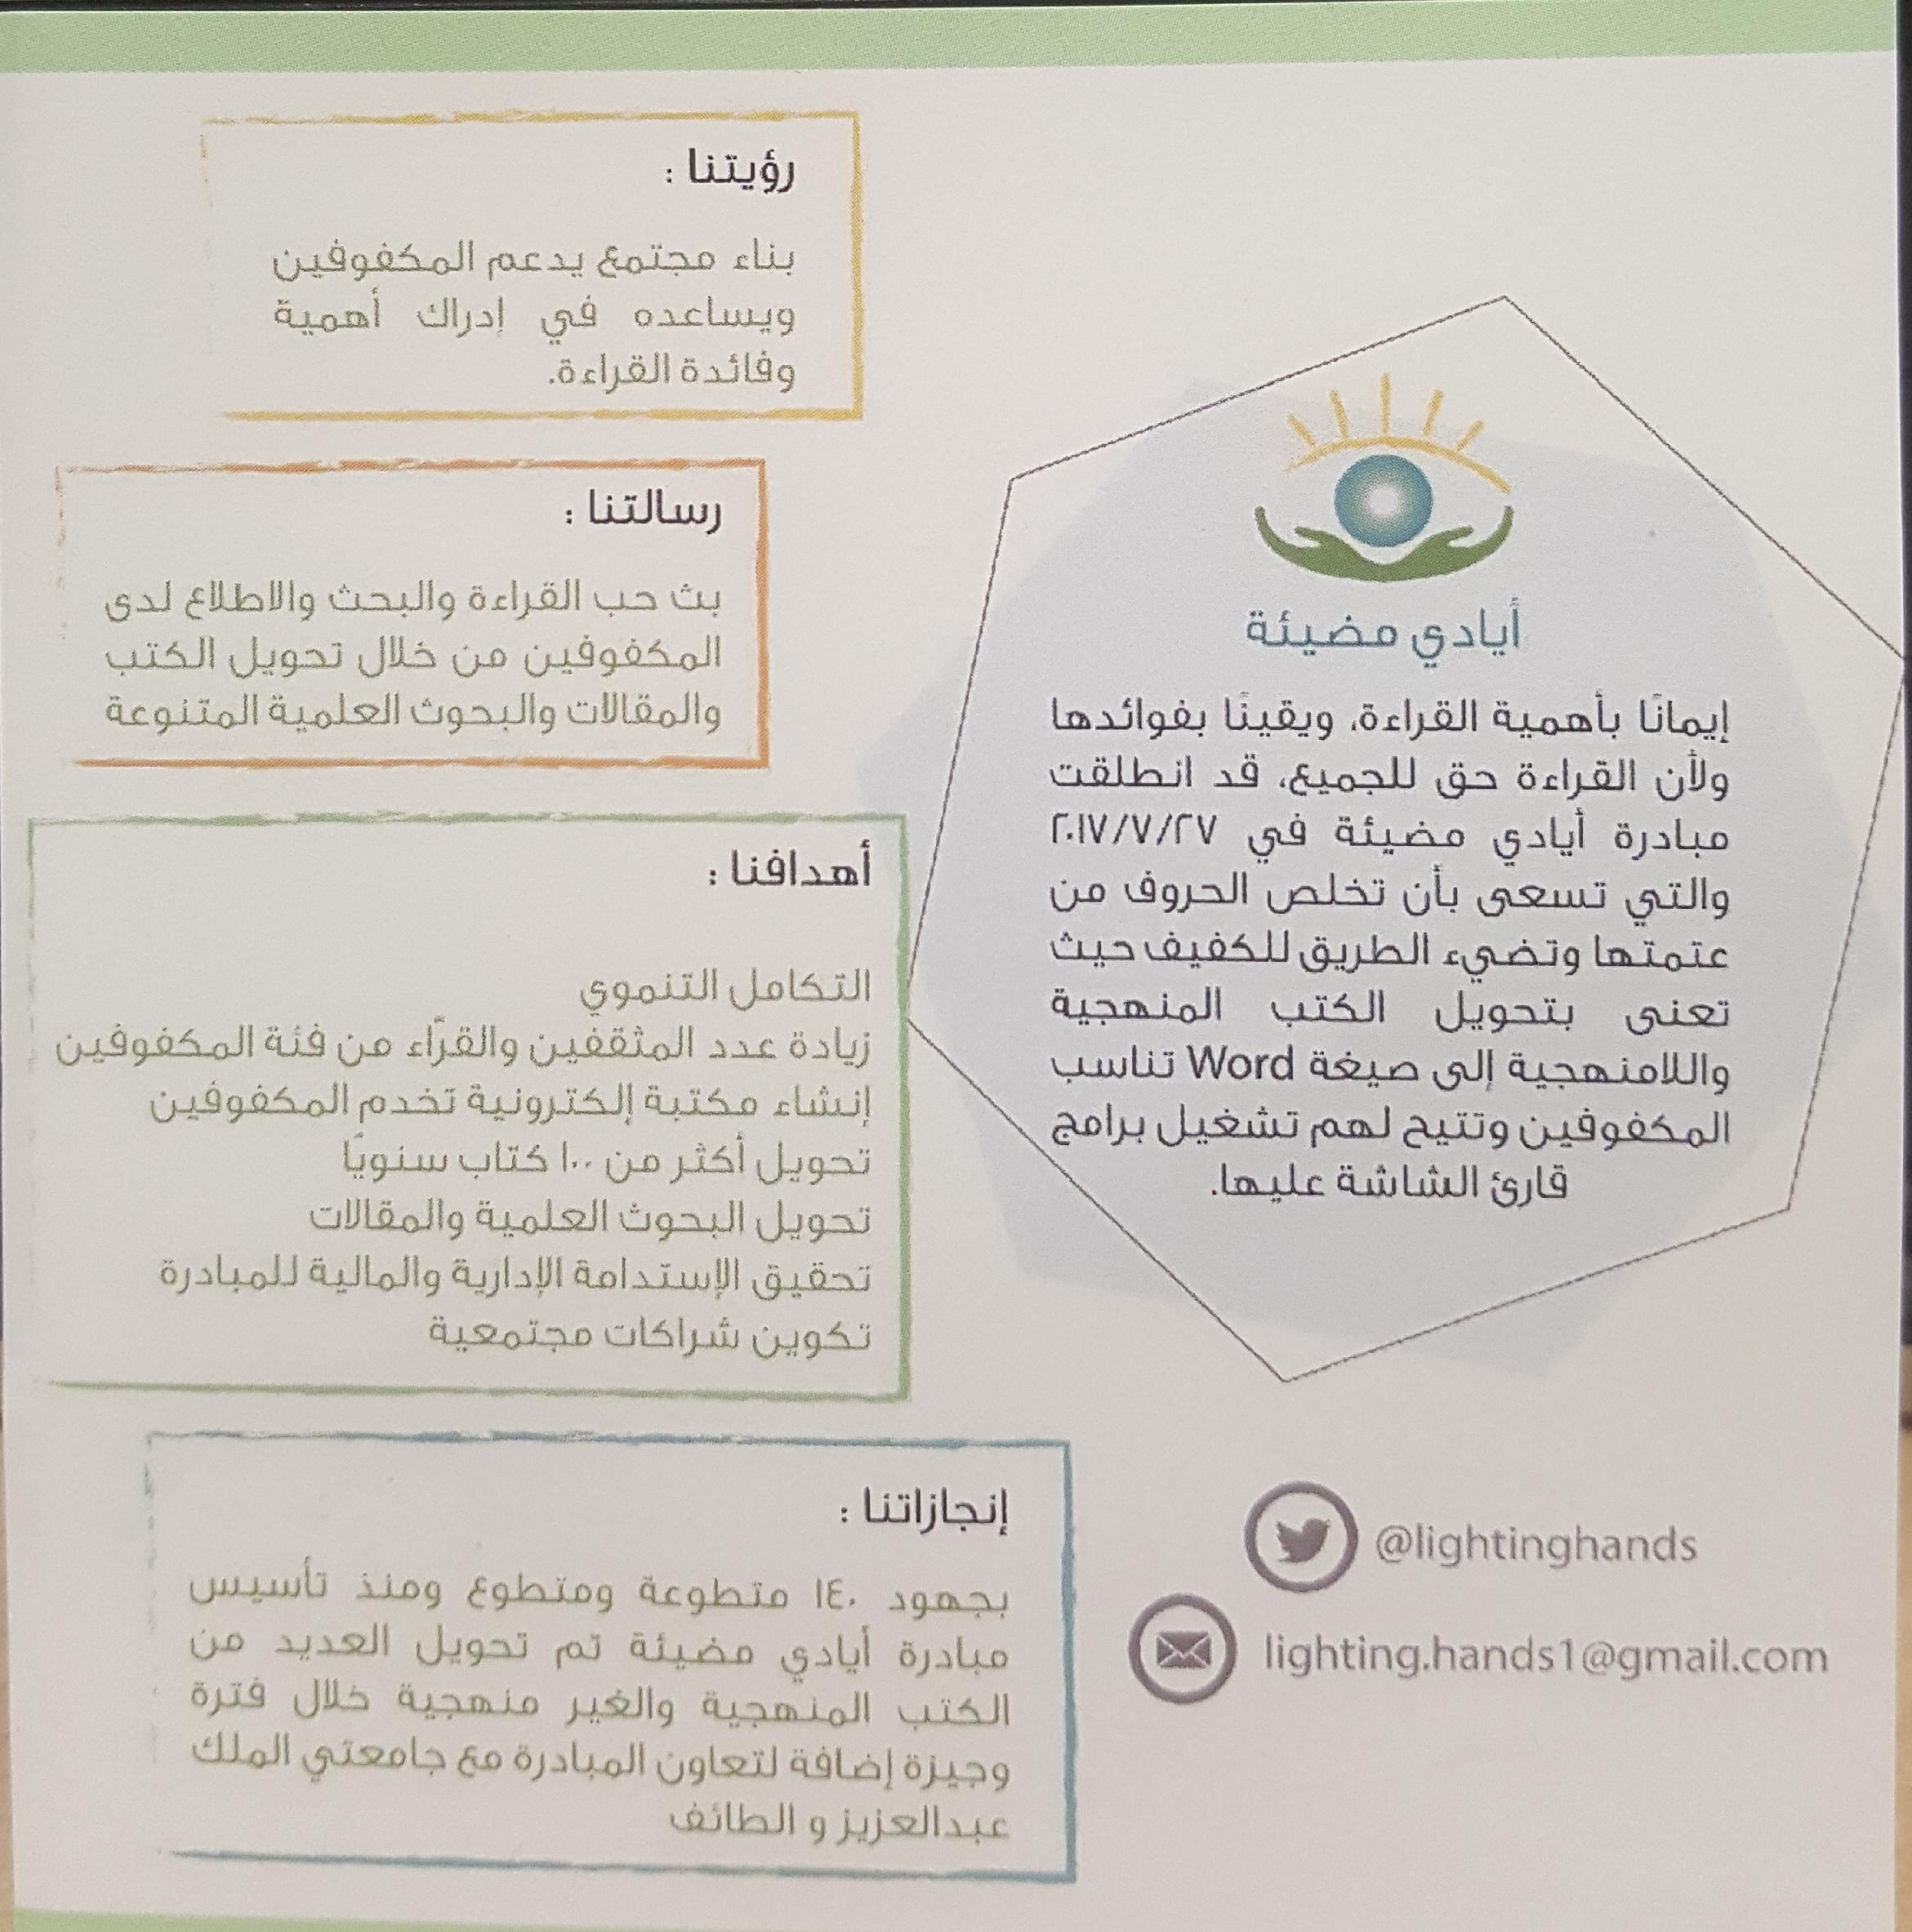 47- كلية علوم الأغذية والزراعة تستضيف حملة أيادي مضيئة